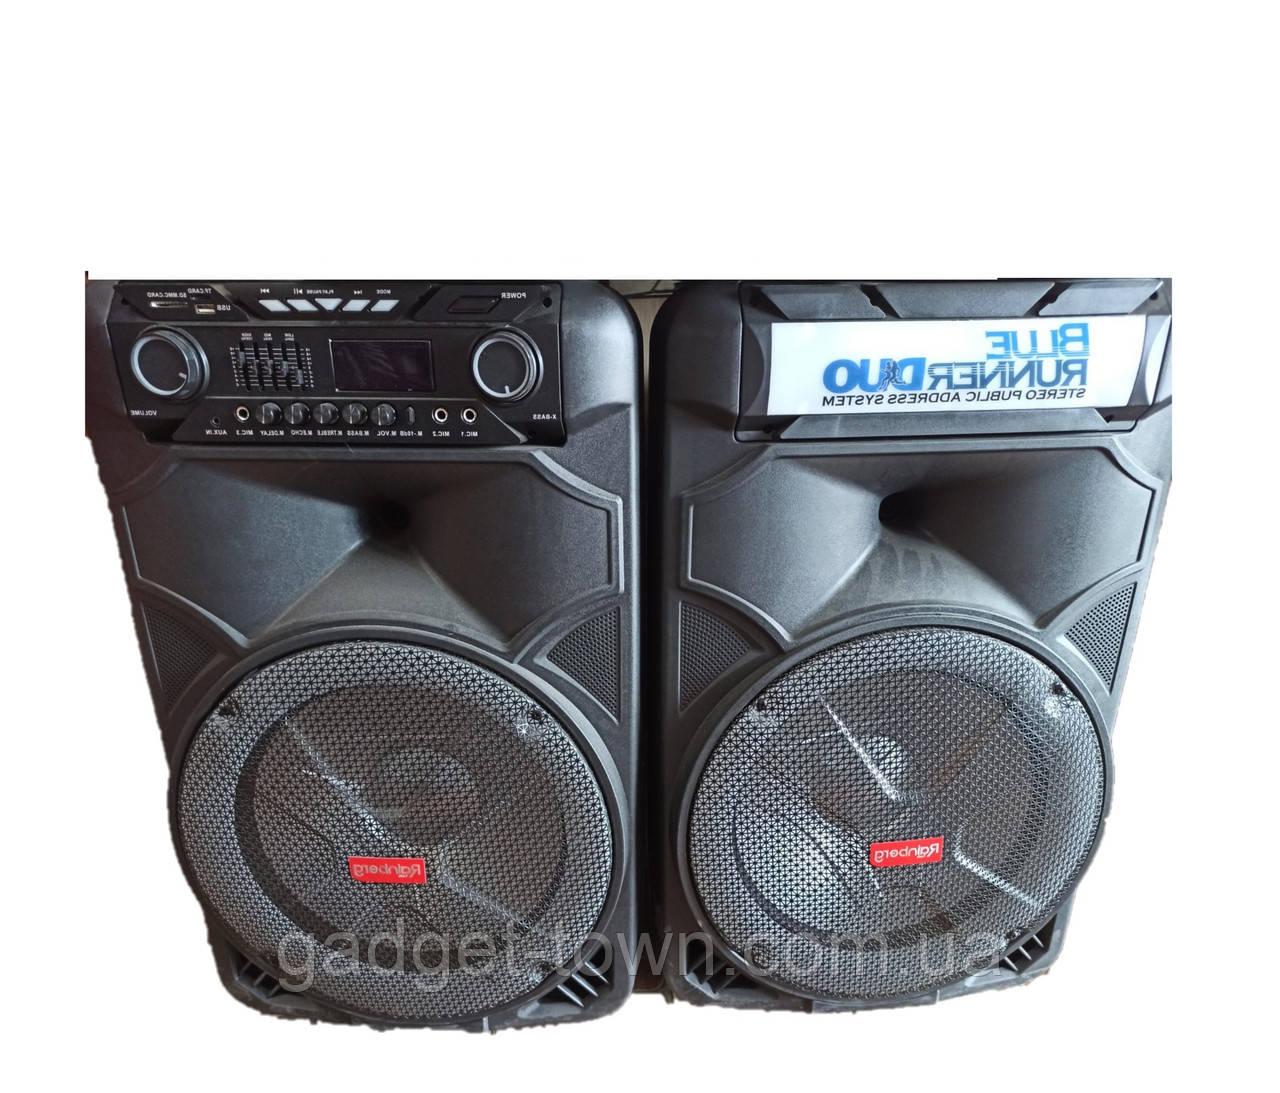 Комплекту активної акустики RB-888 /Usb/Радіо/Bluetooth Пара